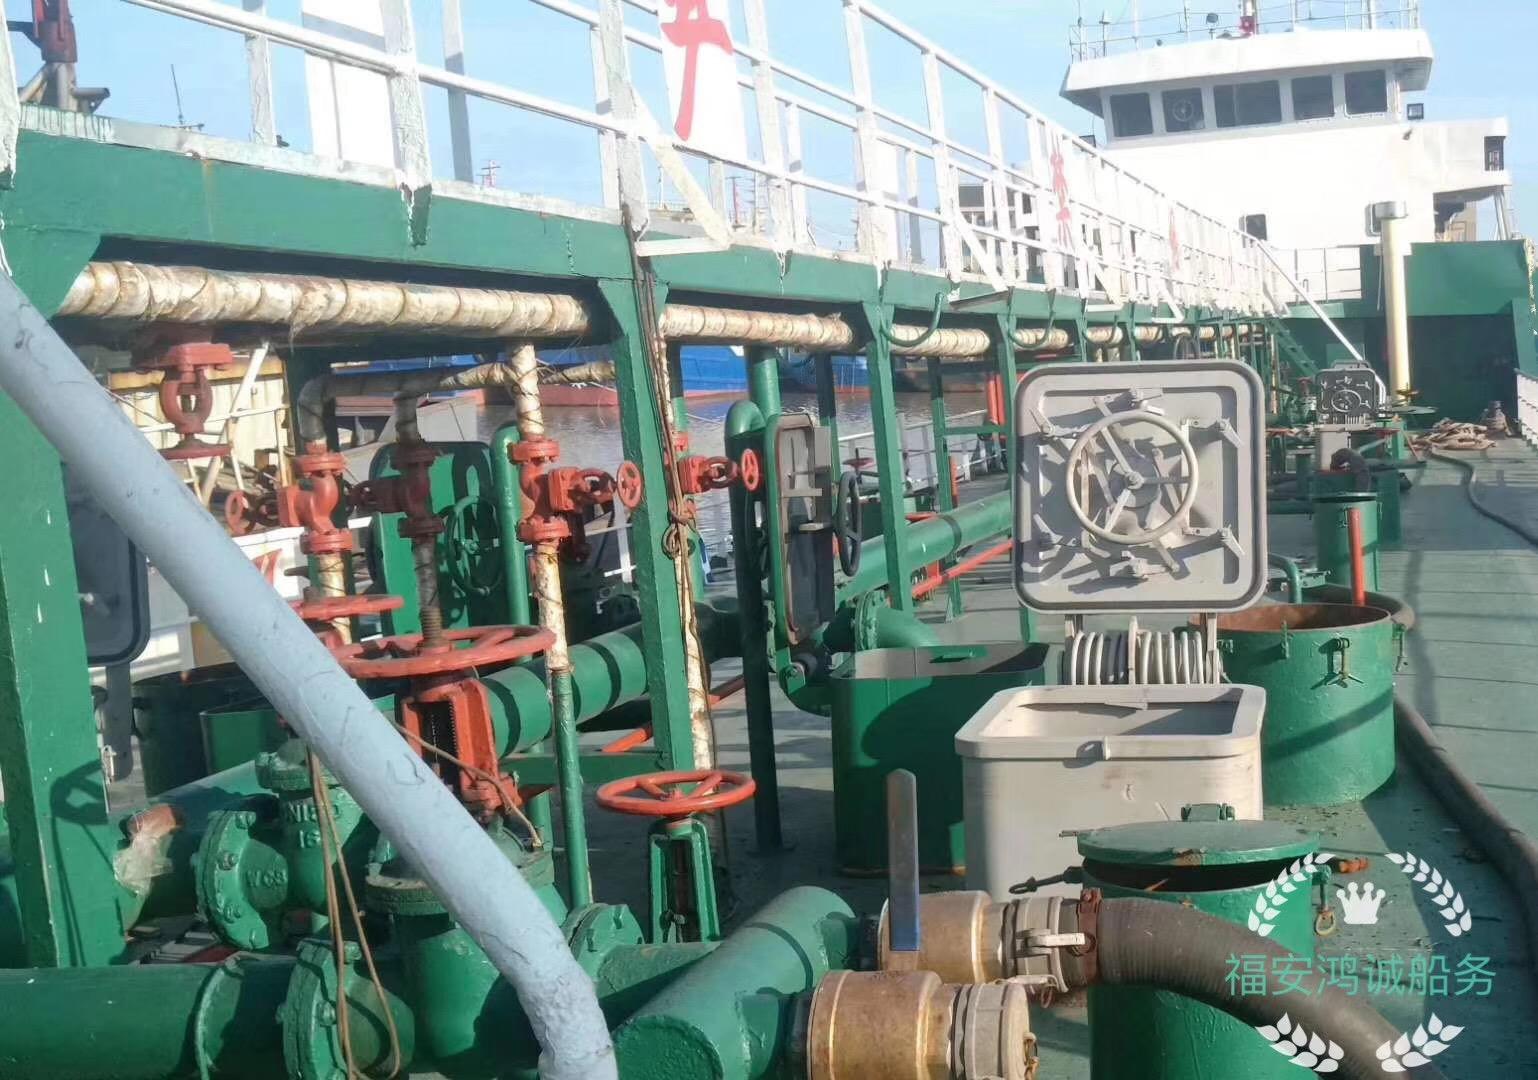 出售1000吨轻油船:2009年8月浙江造